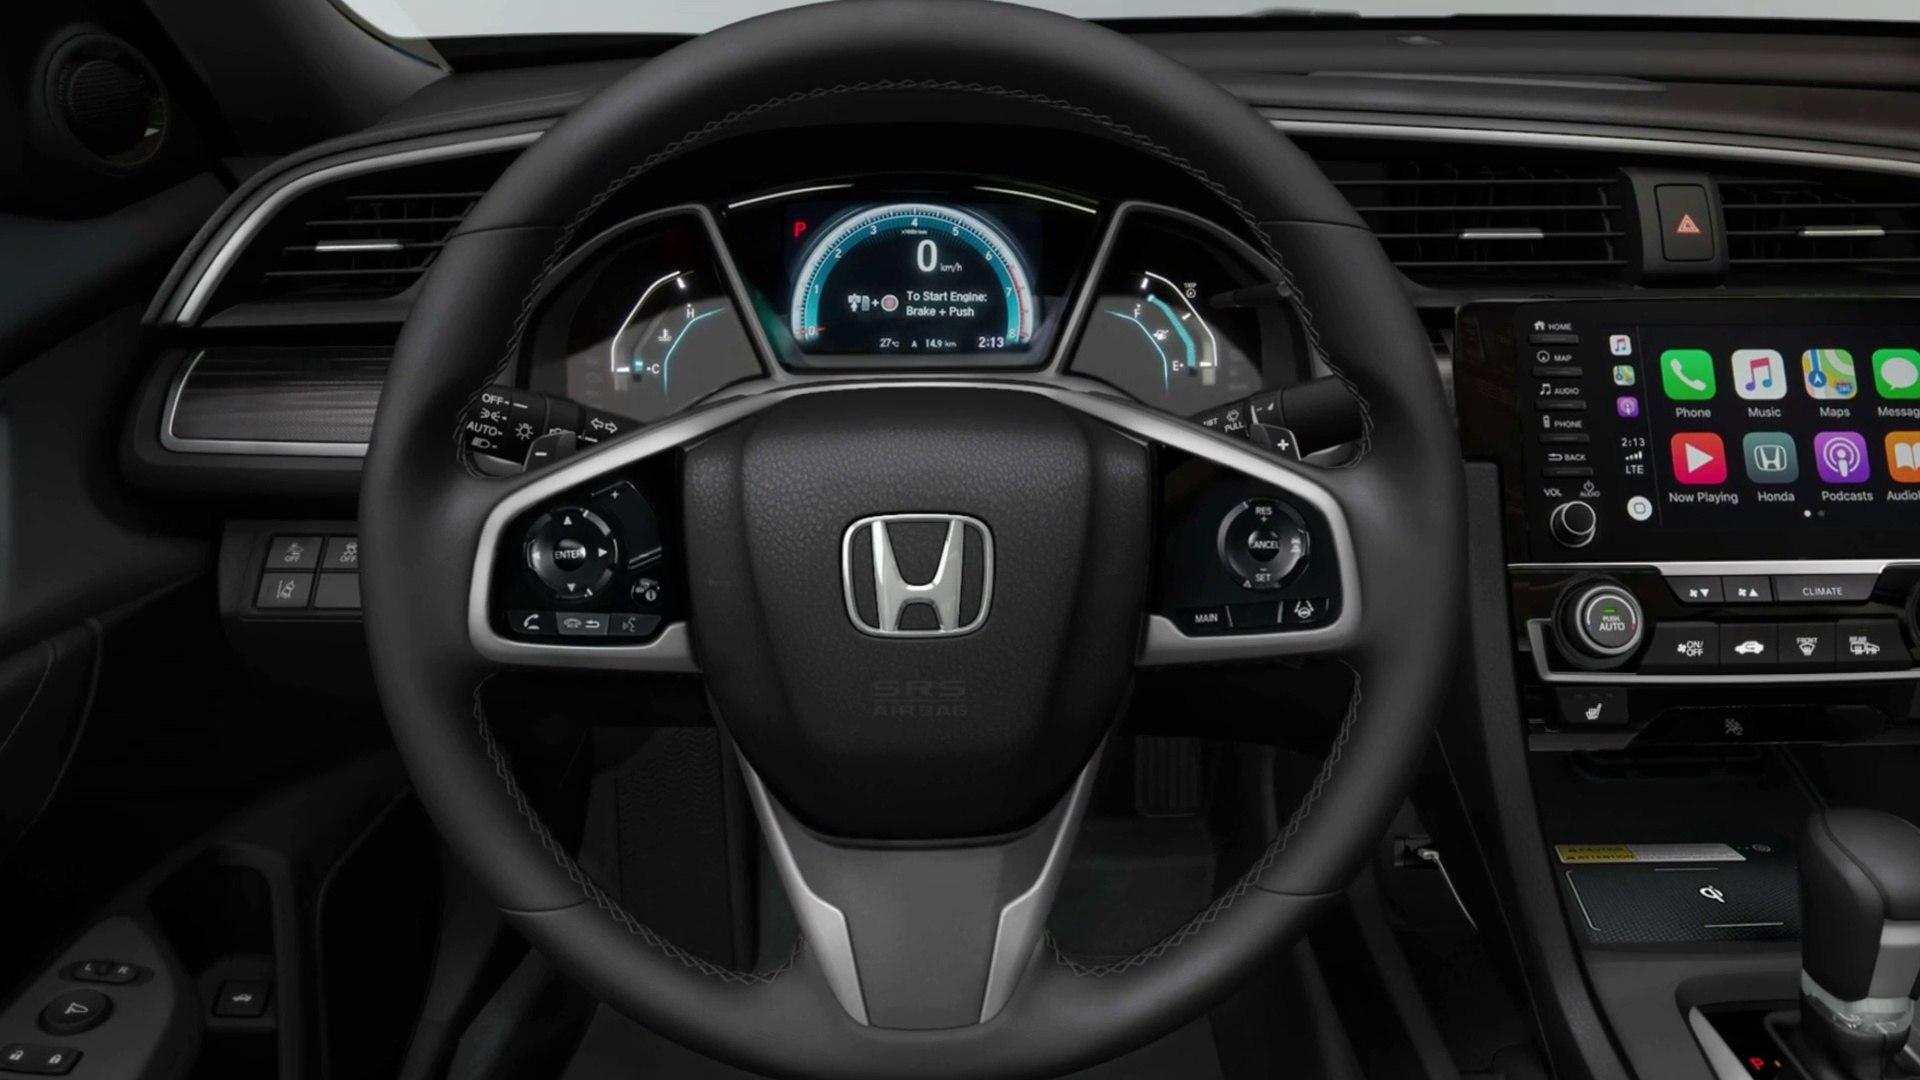 Honda Civic 2019 Launch Hogi Jaldi Price Interior Features Design In Hindi